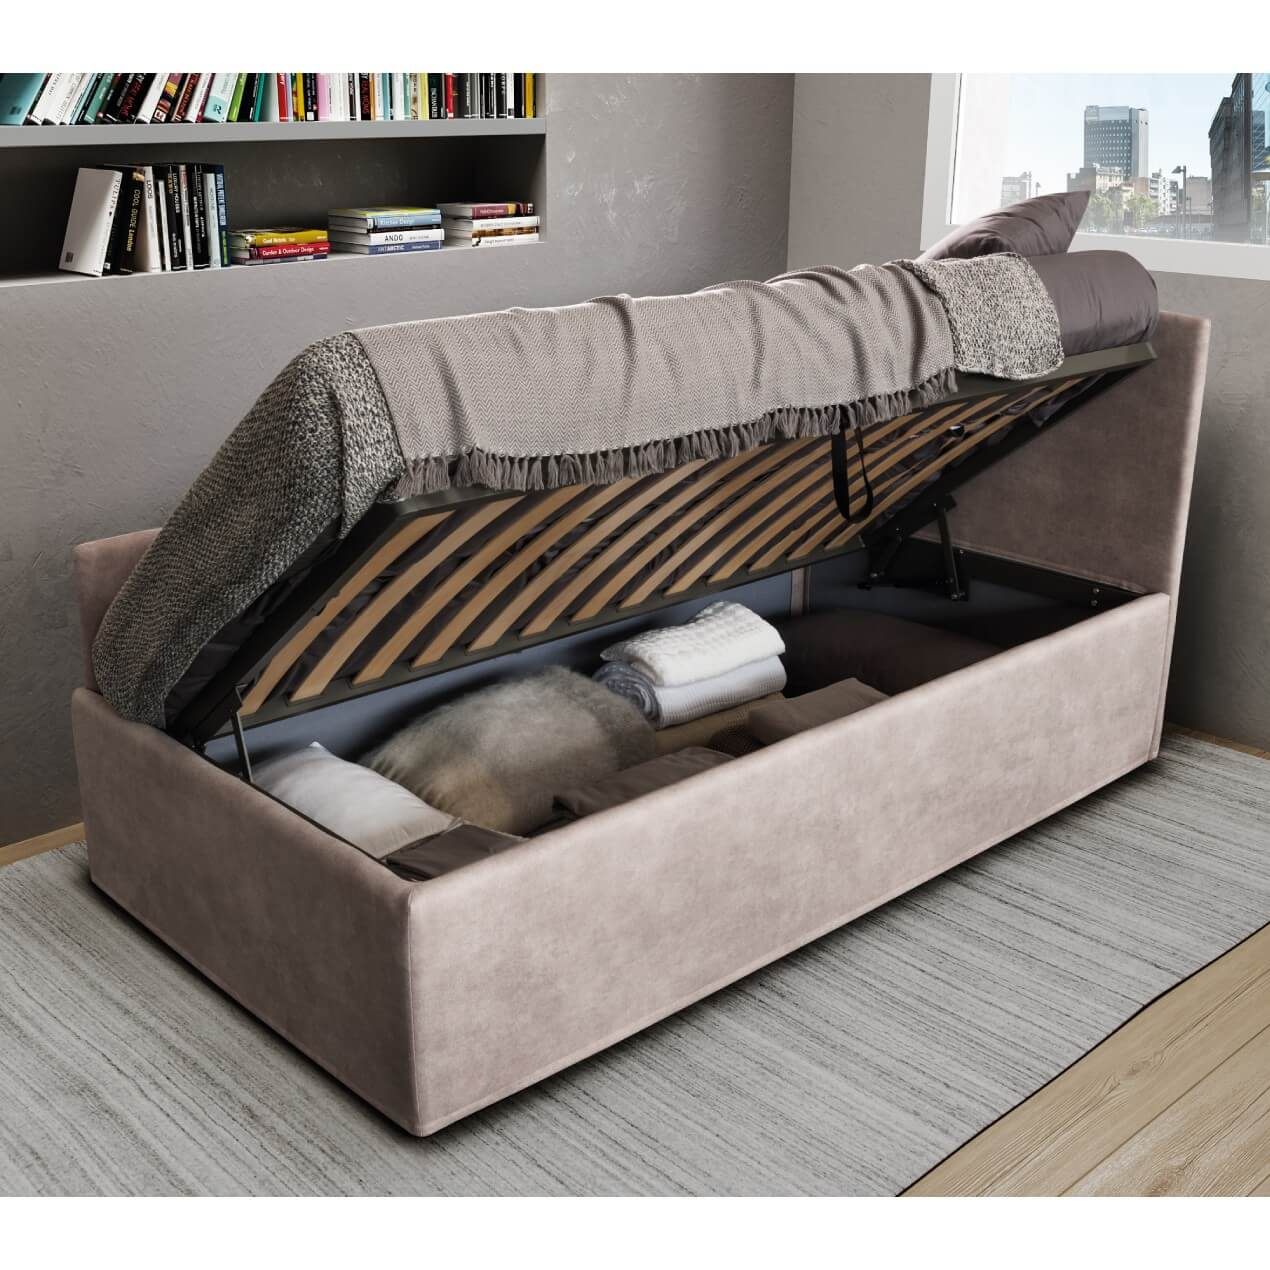 Divano letto con secondo letto estraibile o contenitore - Letto con contenitore ...